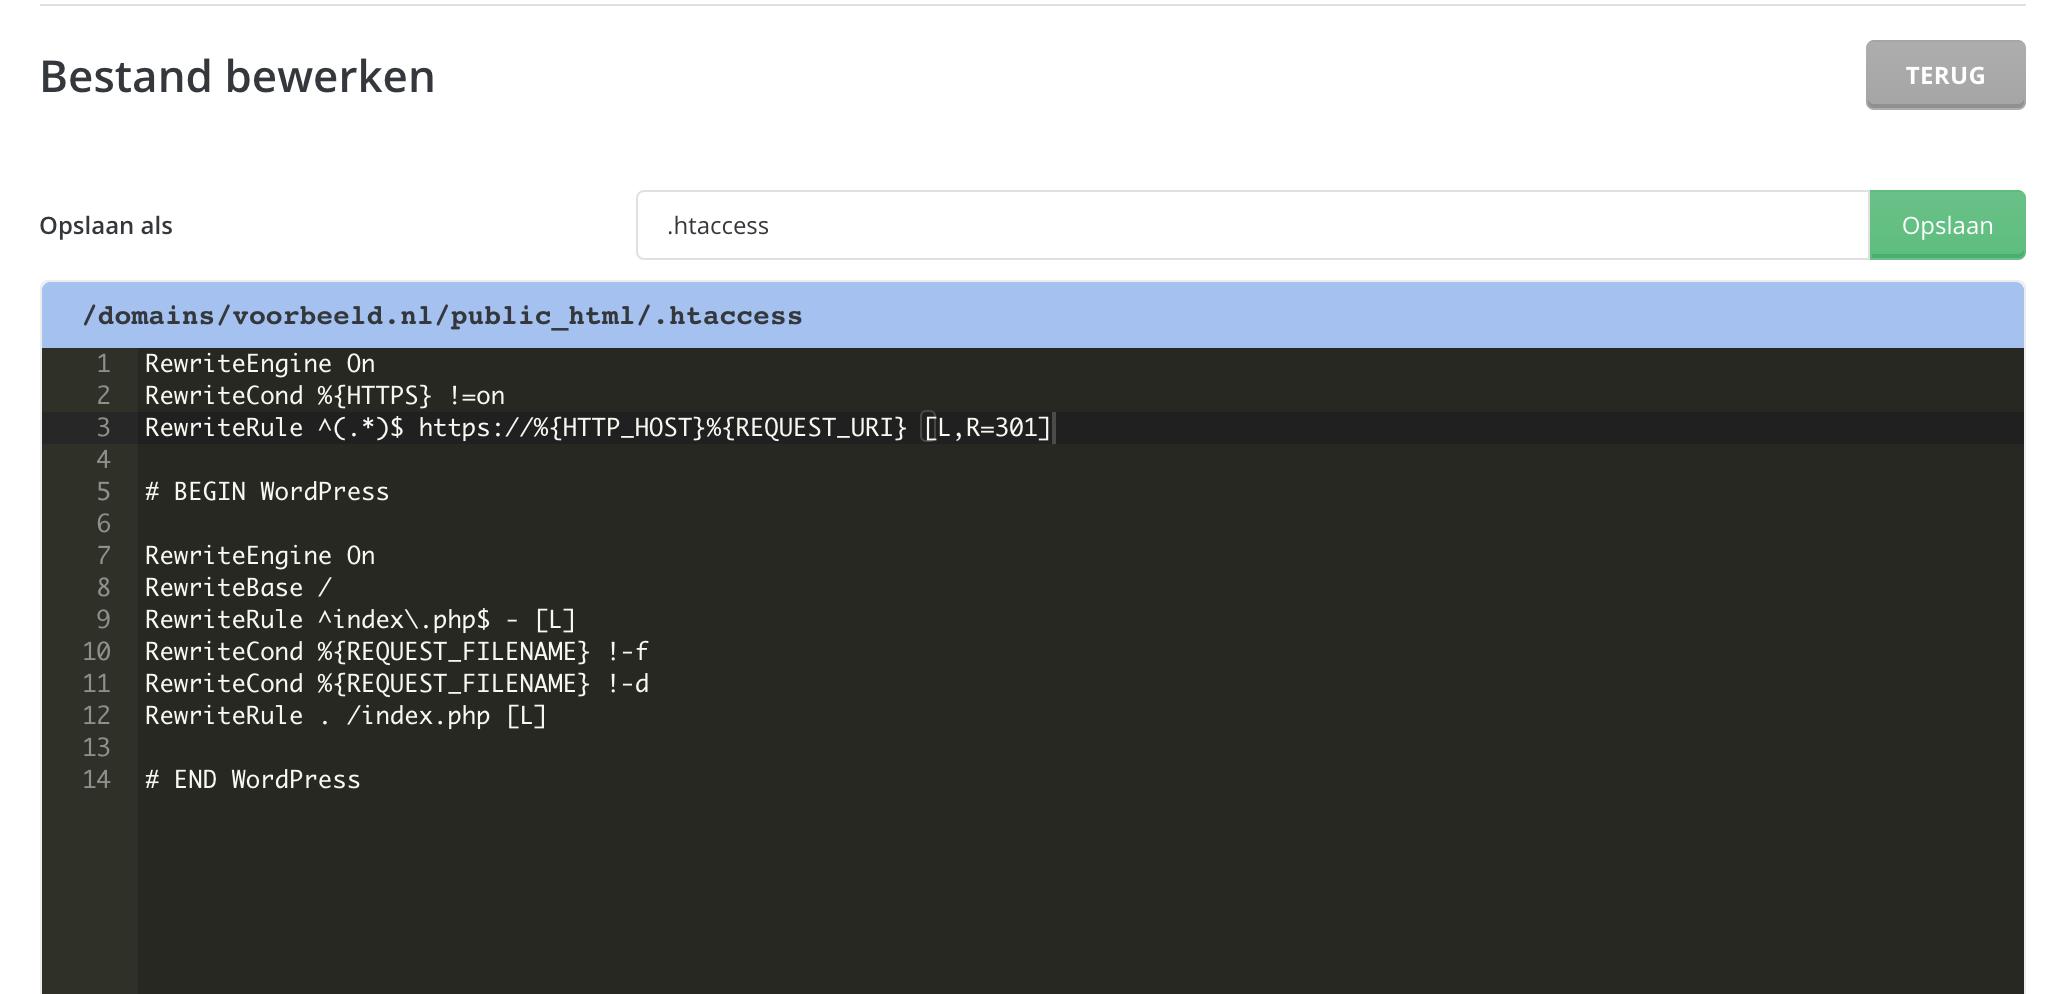 HTTP naar HTTPS doorsturen via het .htaccess-bestand.